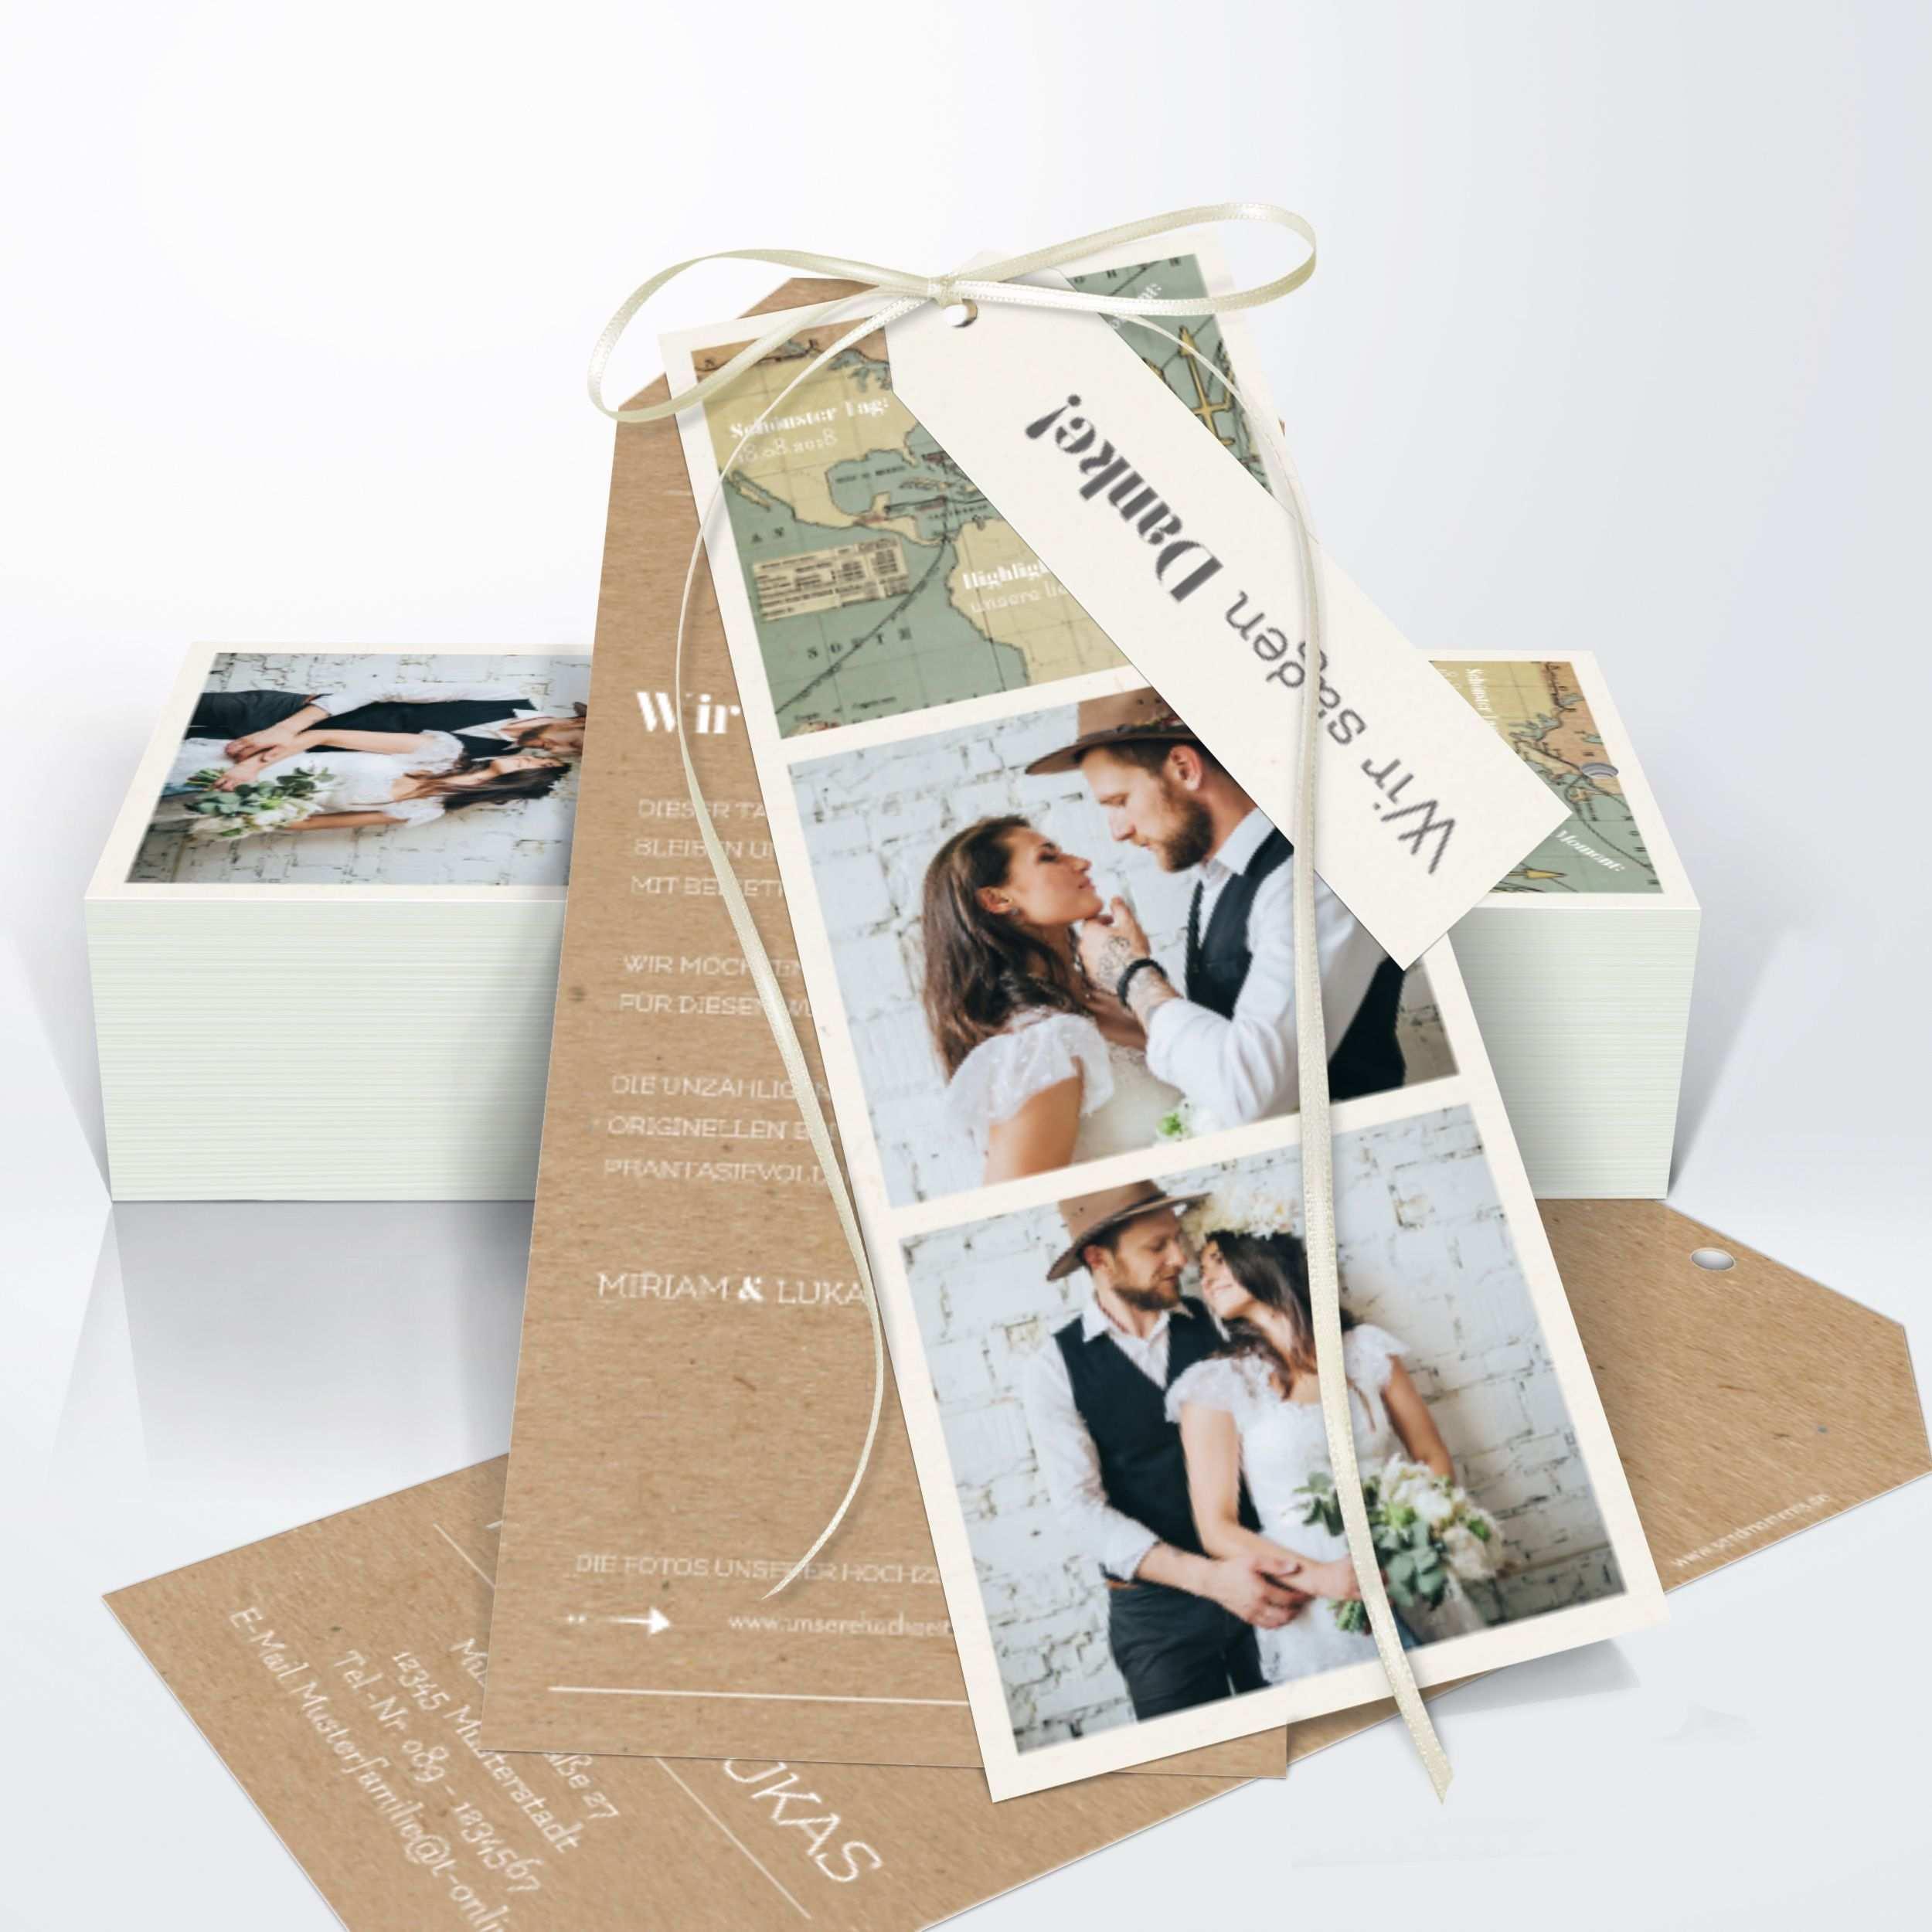 Danksagungskarte Hochzeit Entdeckungsreise Detail Danksagungskarten Hochzeit Dankes Karten Hochzeit Karte Hochzeit